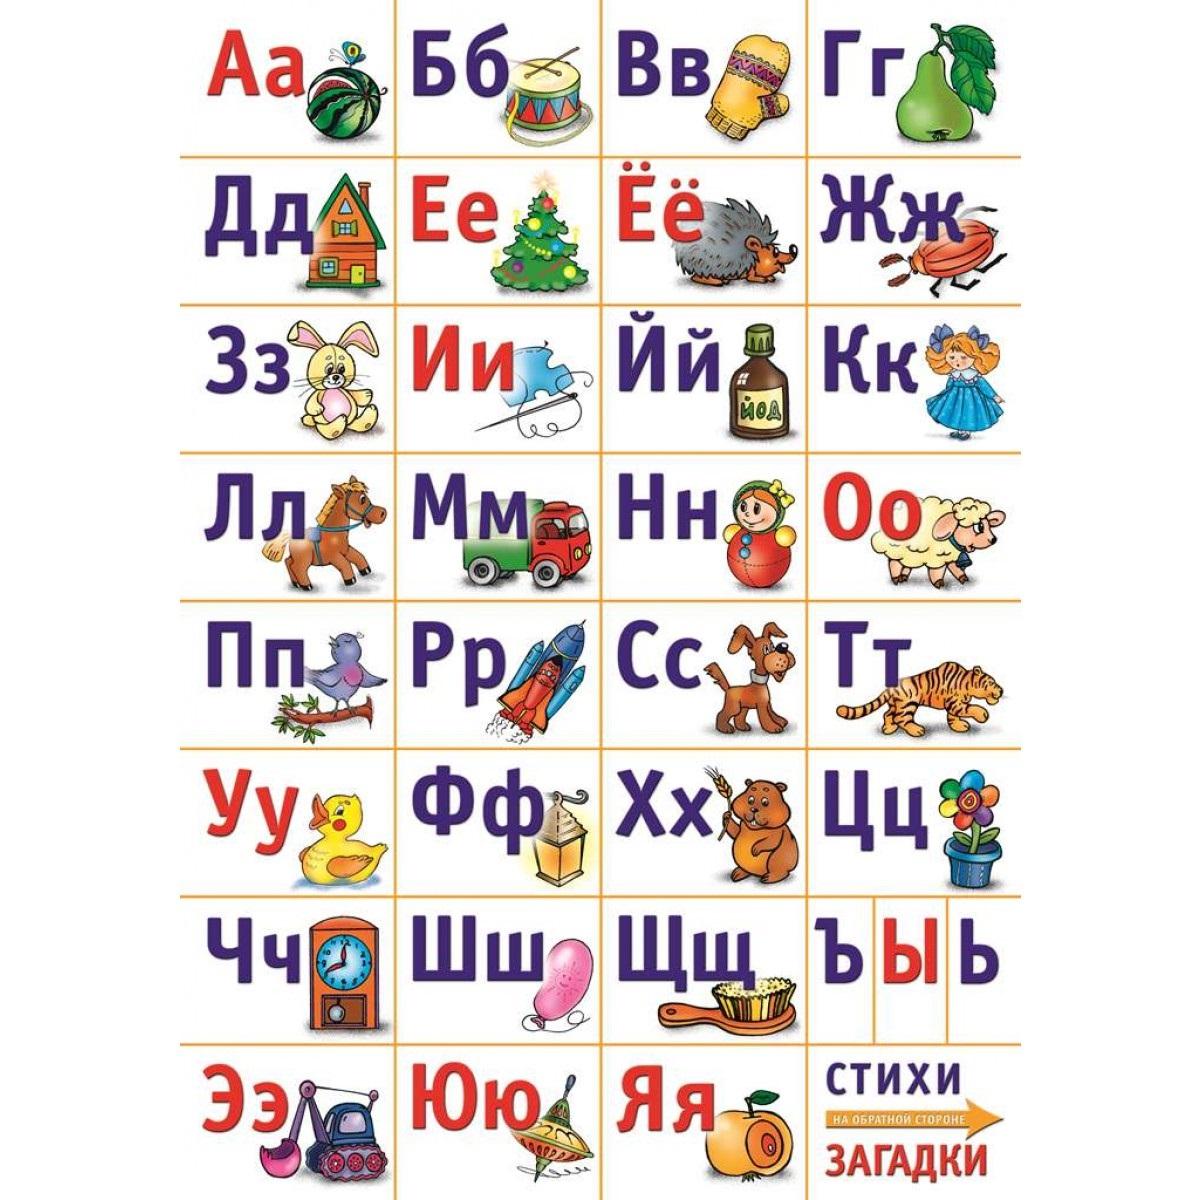 Алфавит русский разрезной. Азбука-картинки. Стихи-загадки